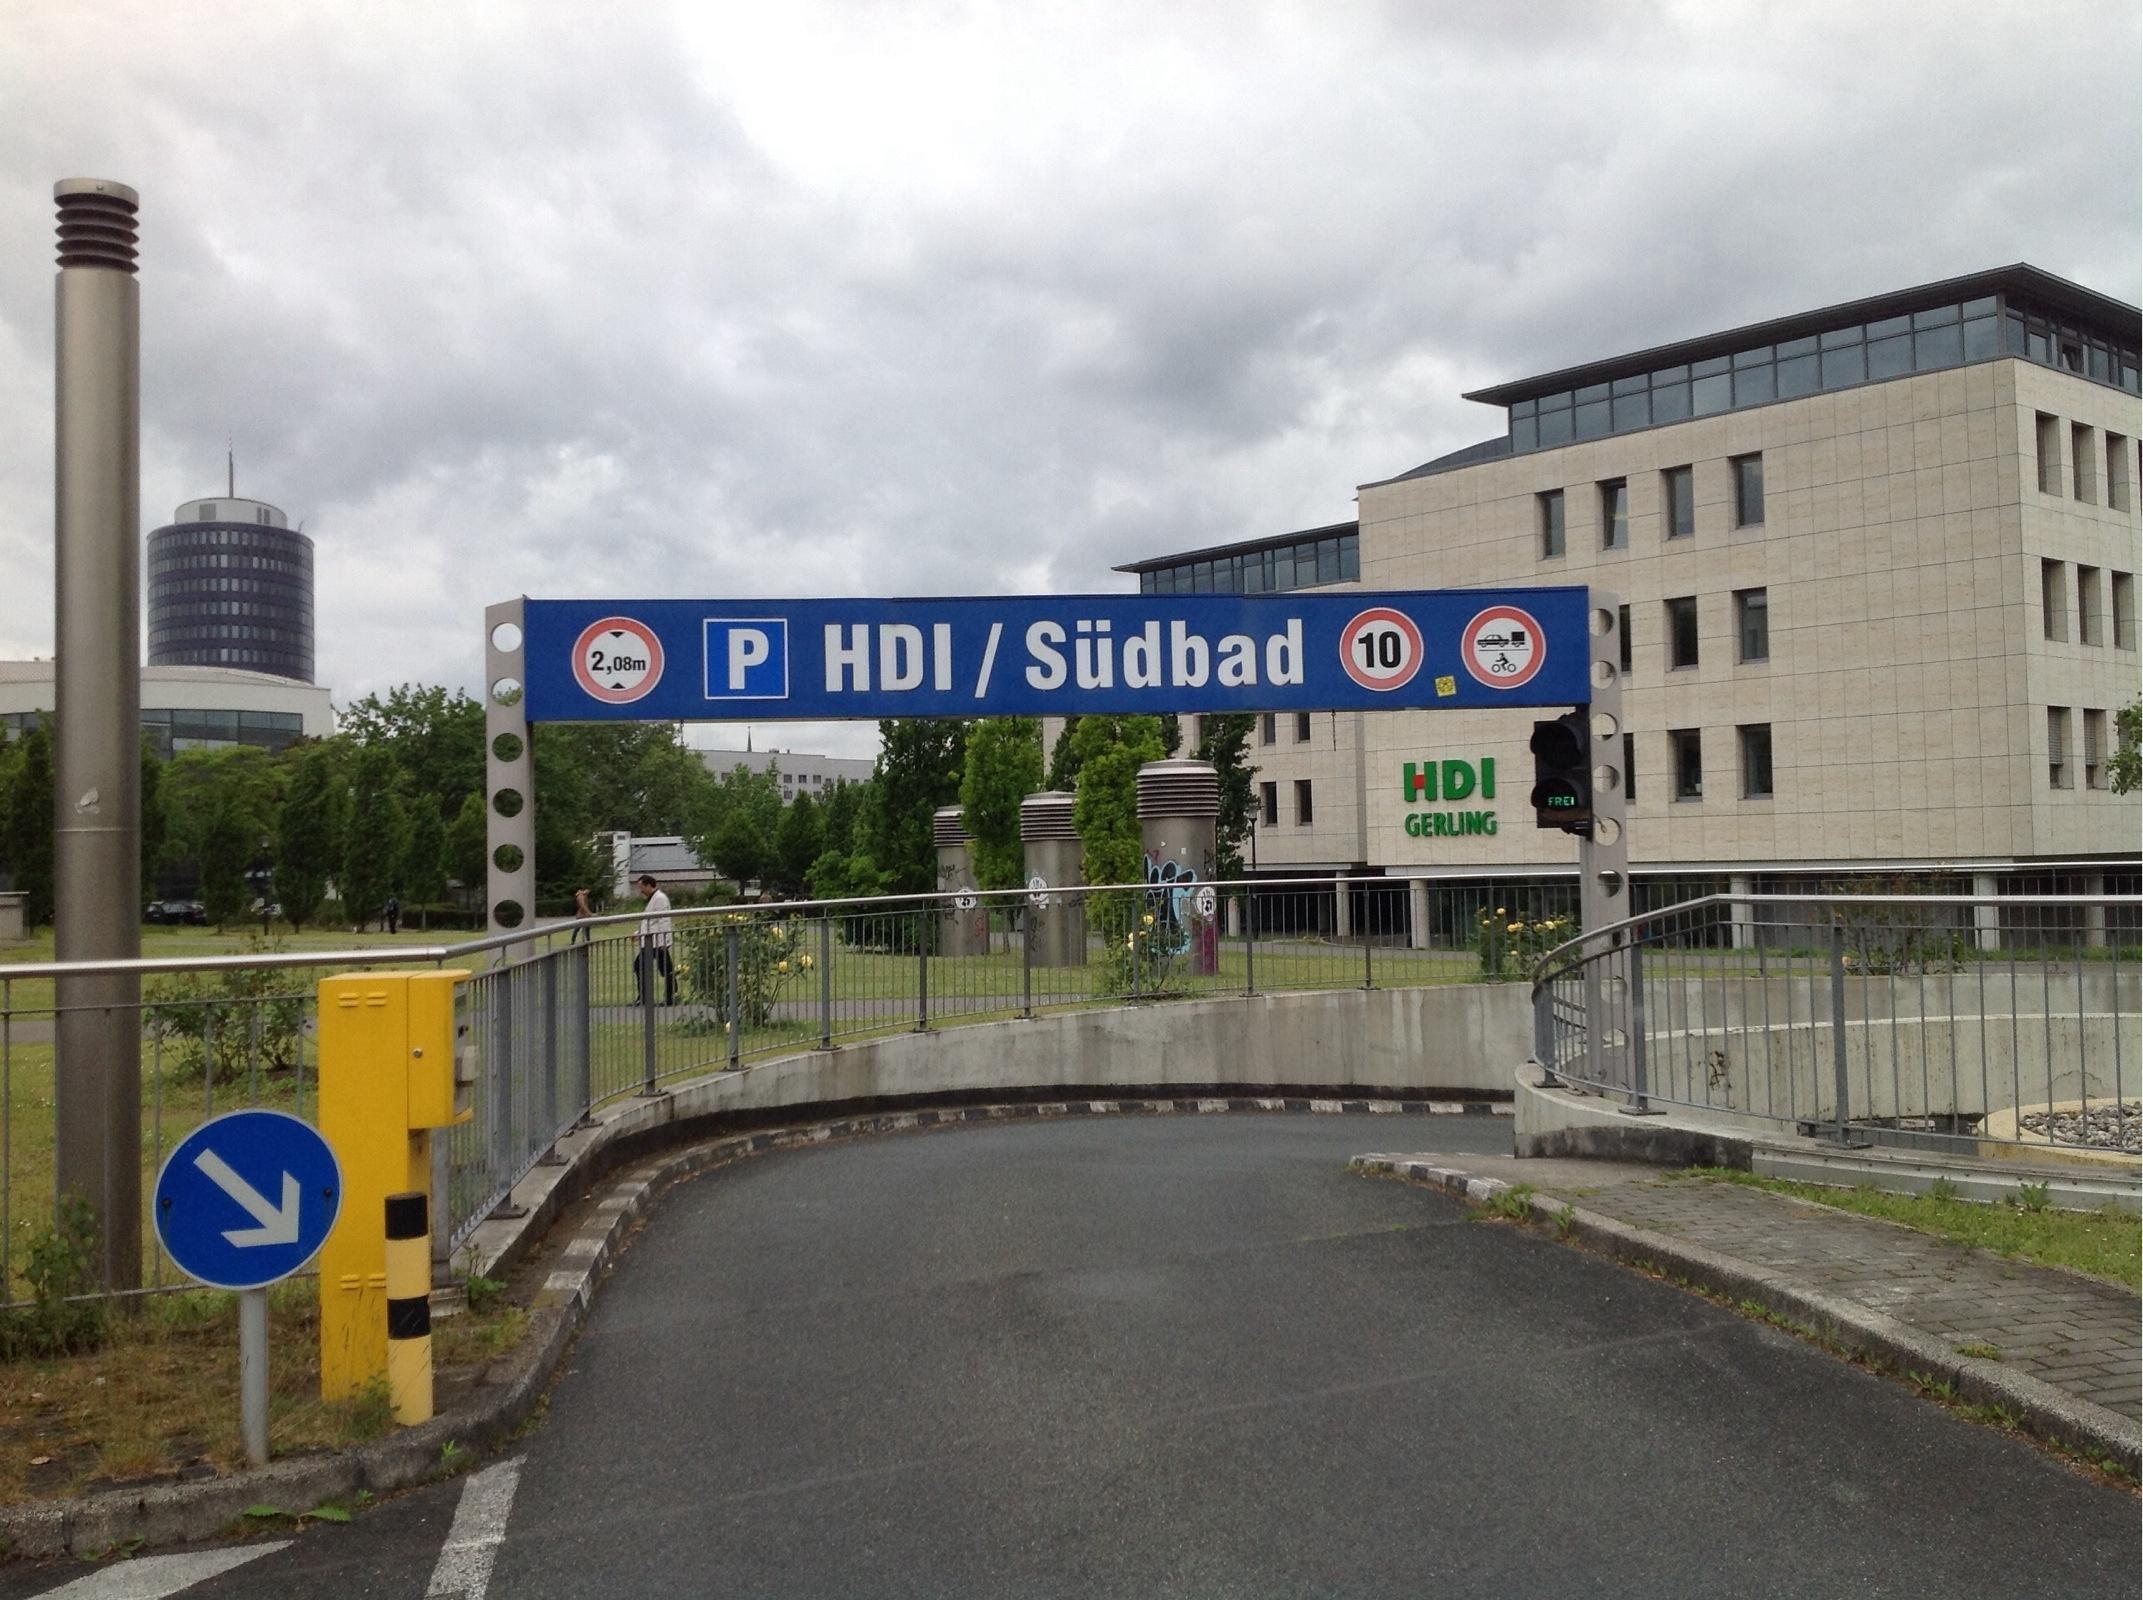 HDI / Südbad - Parkplatz in Dortmund | ParkMe